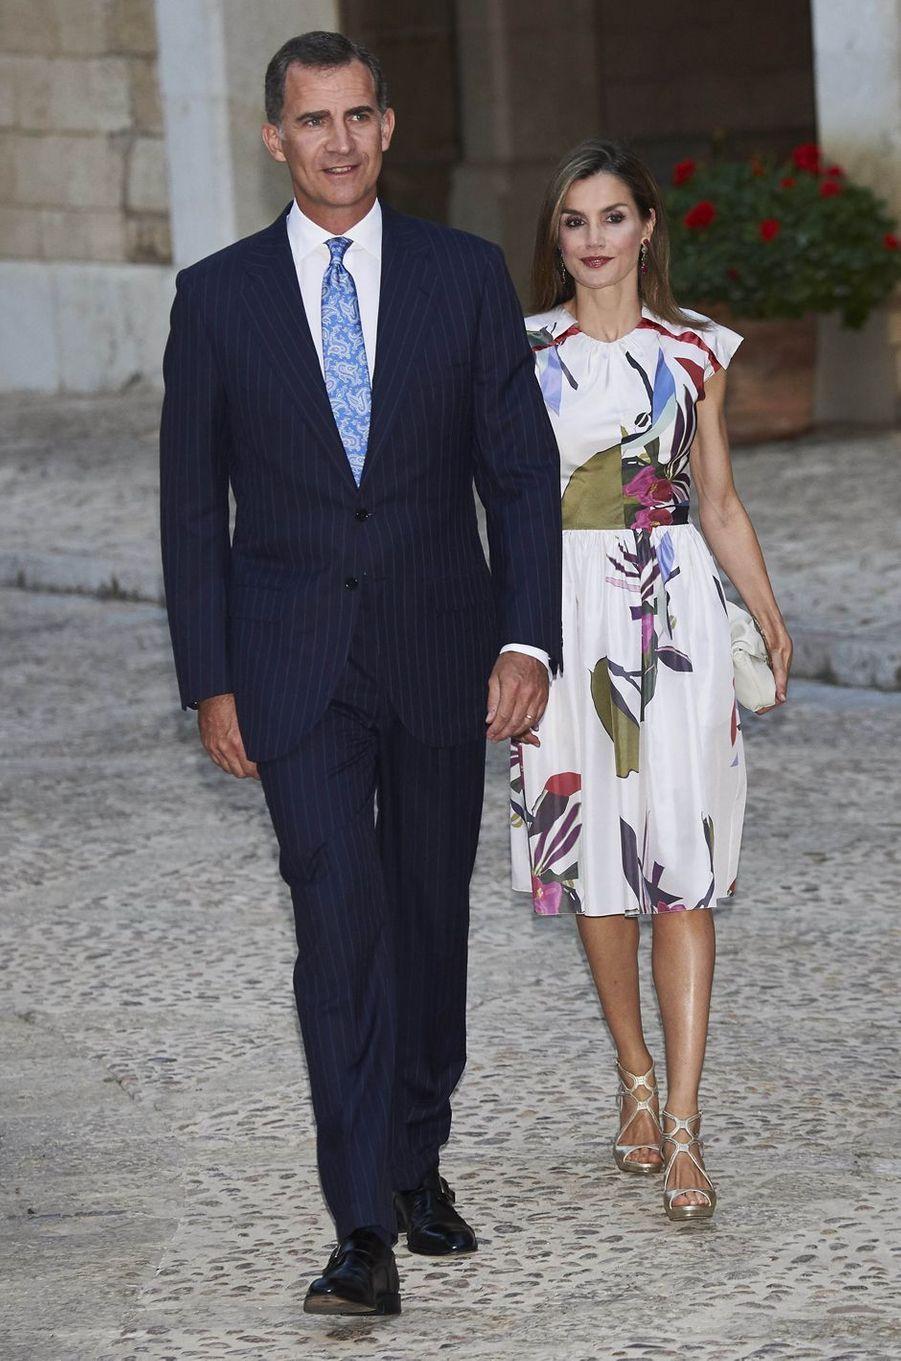 La reine Letizia et le roi Felipe VI d'Espagne à Palma de Majorque, le 7 août 2016